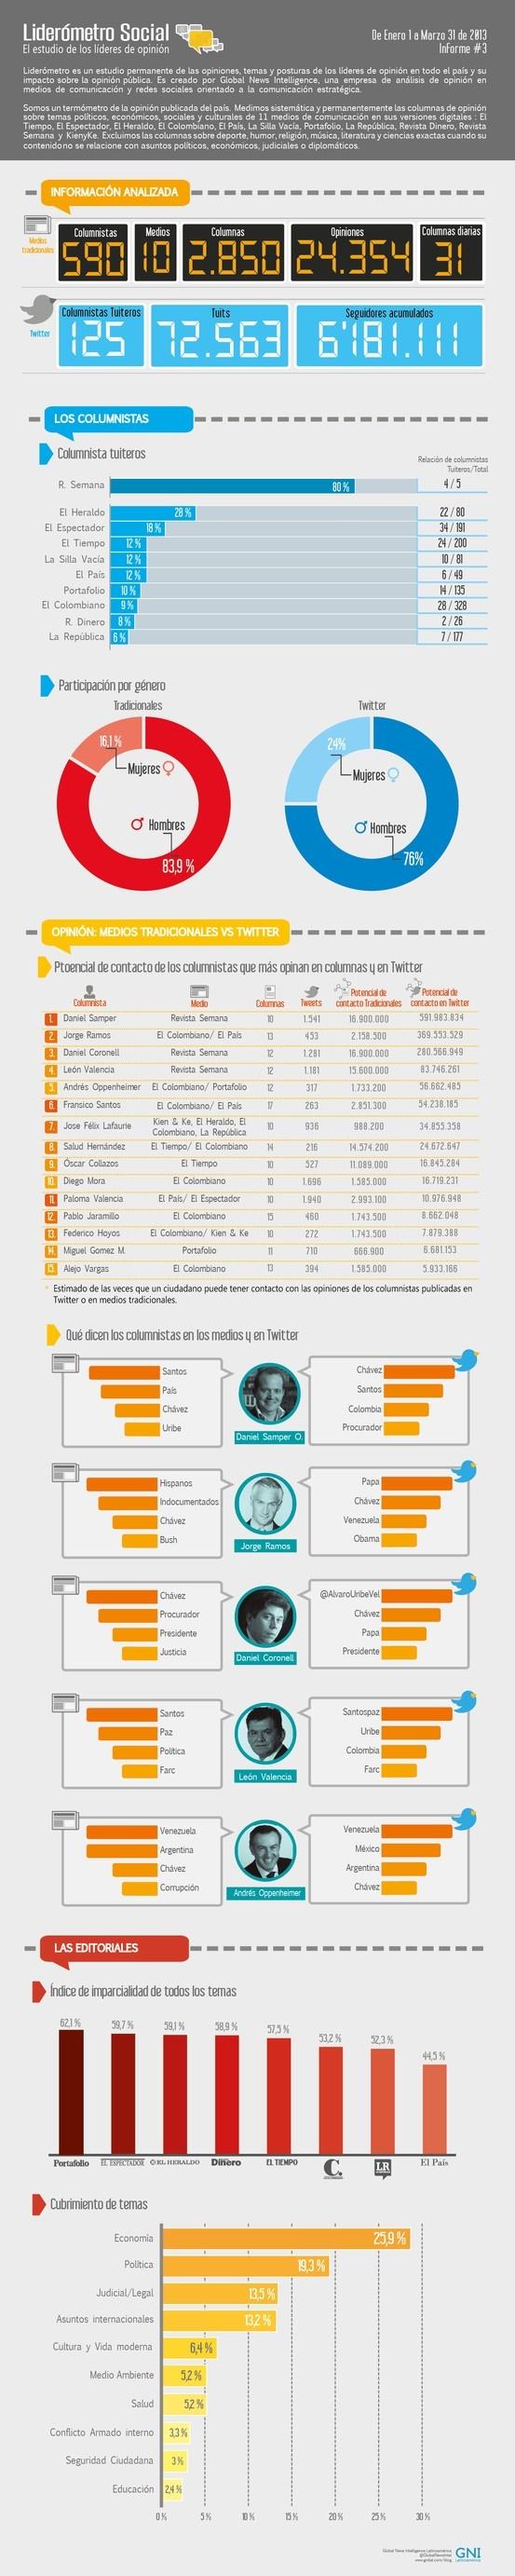 Informe del Liderómetro de Enero a Marzo de  2013